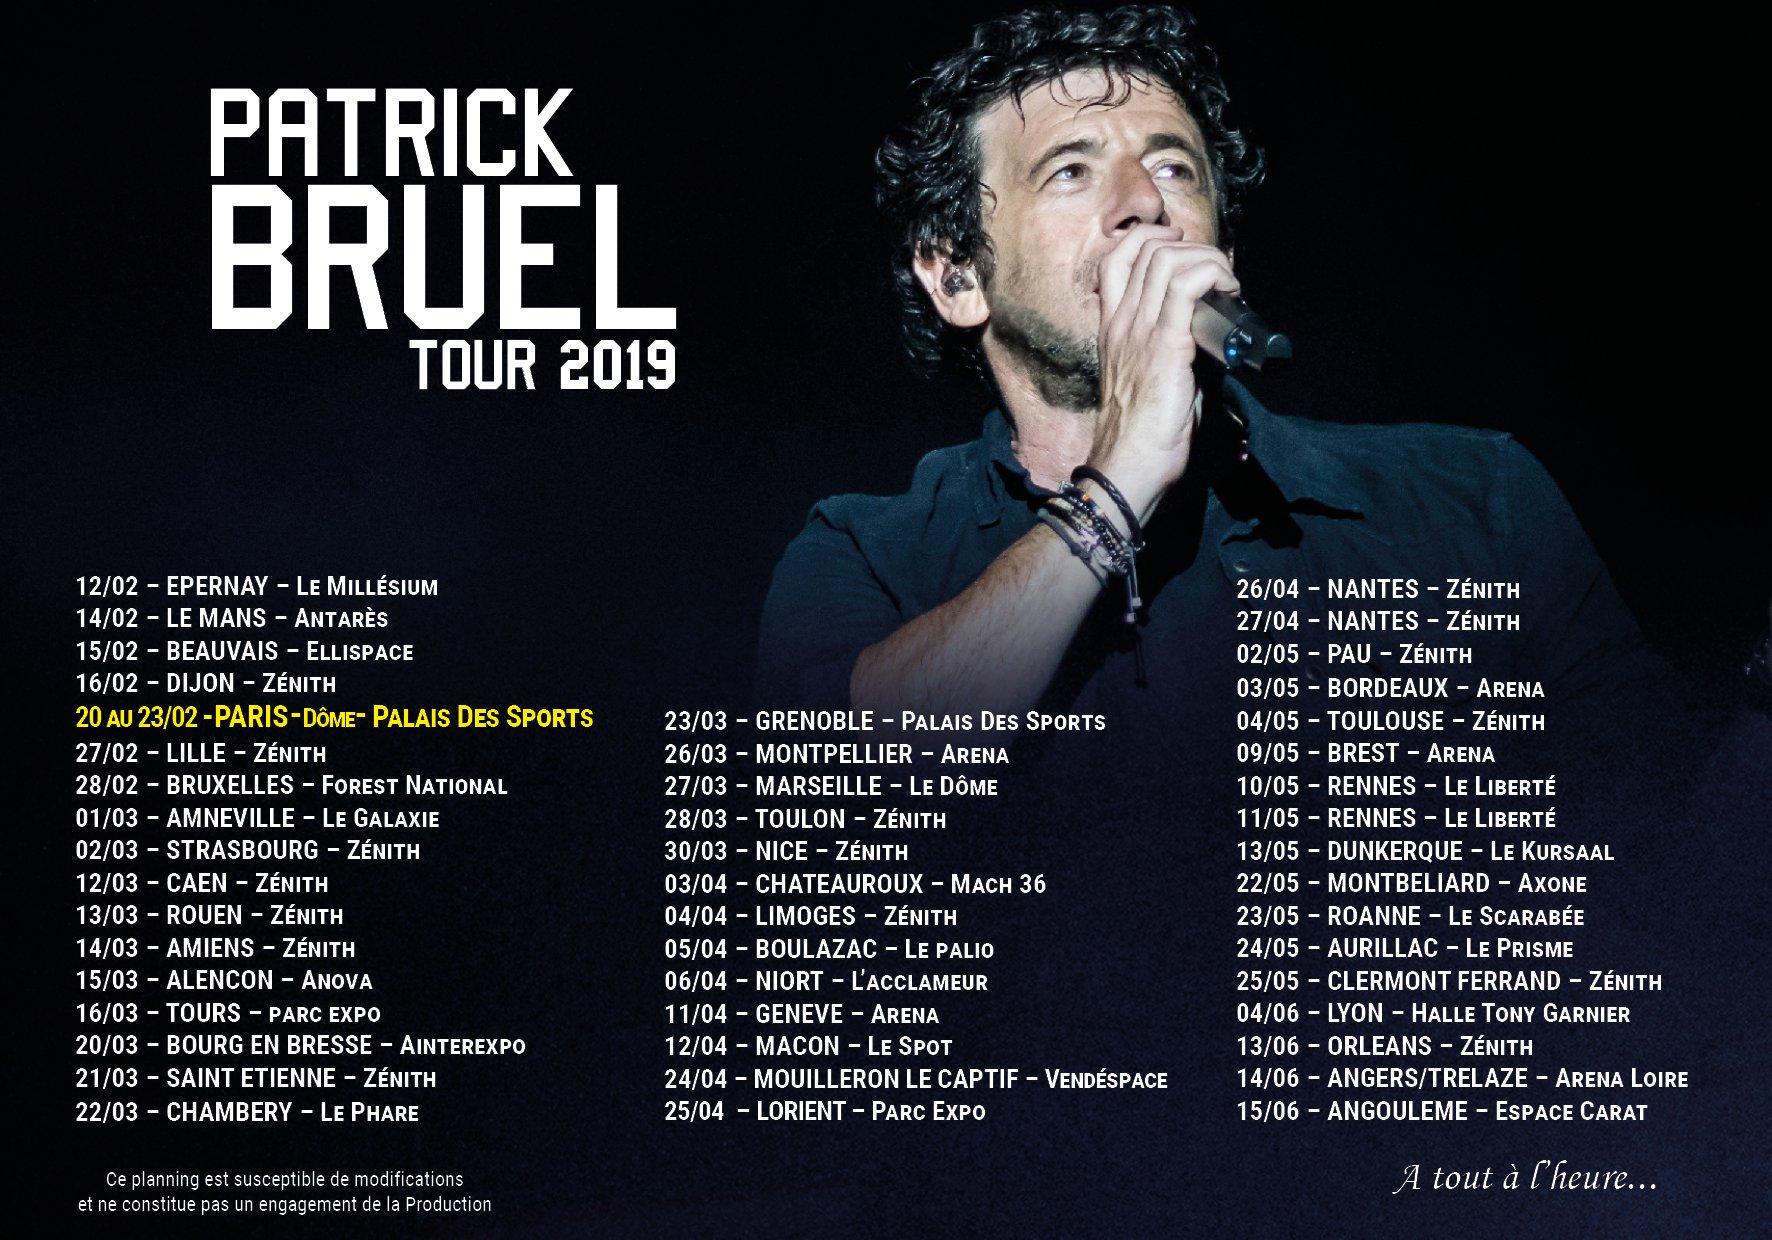 Patrick bruel tour 2020